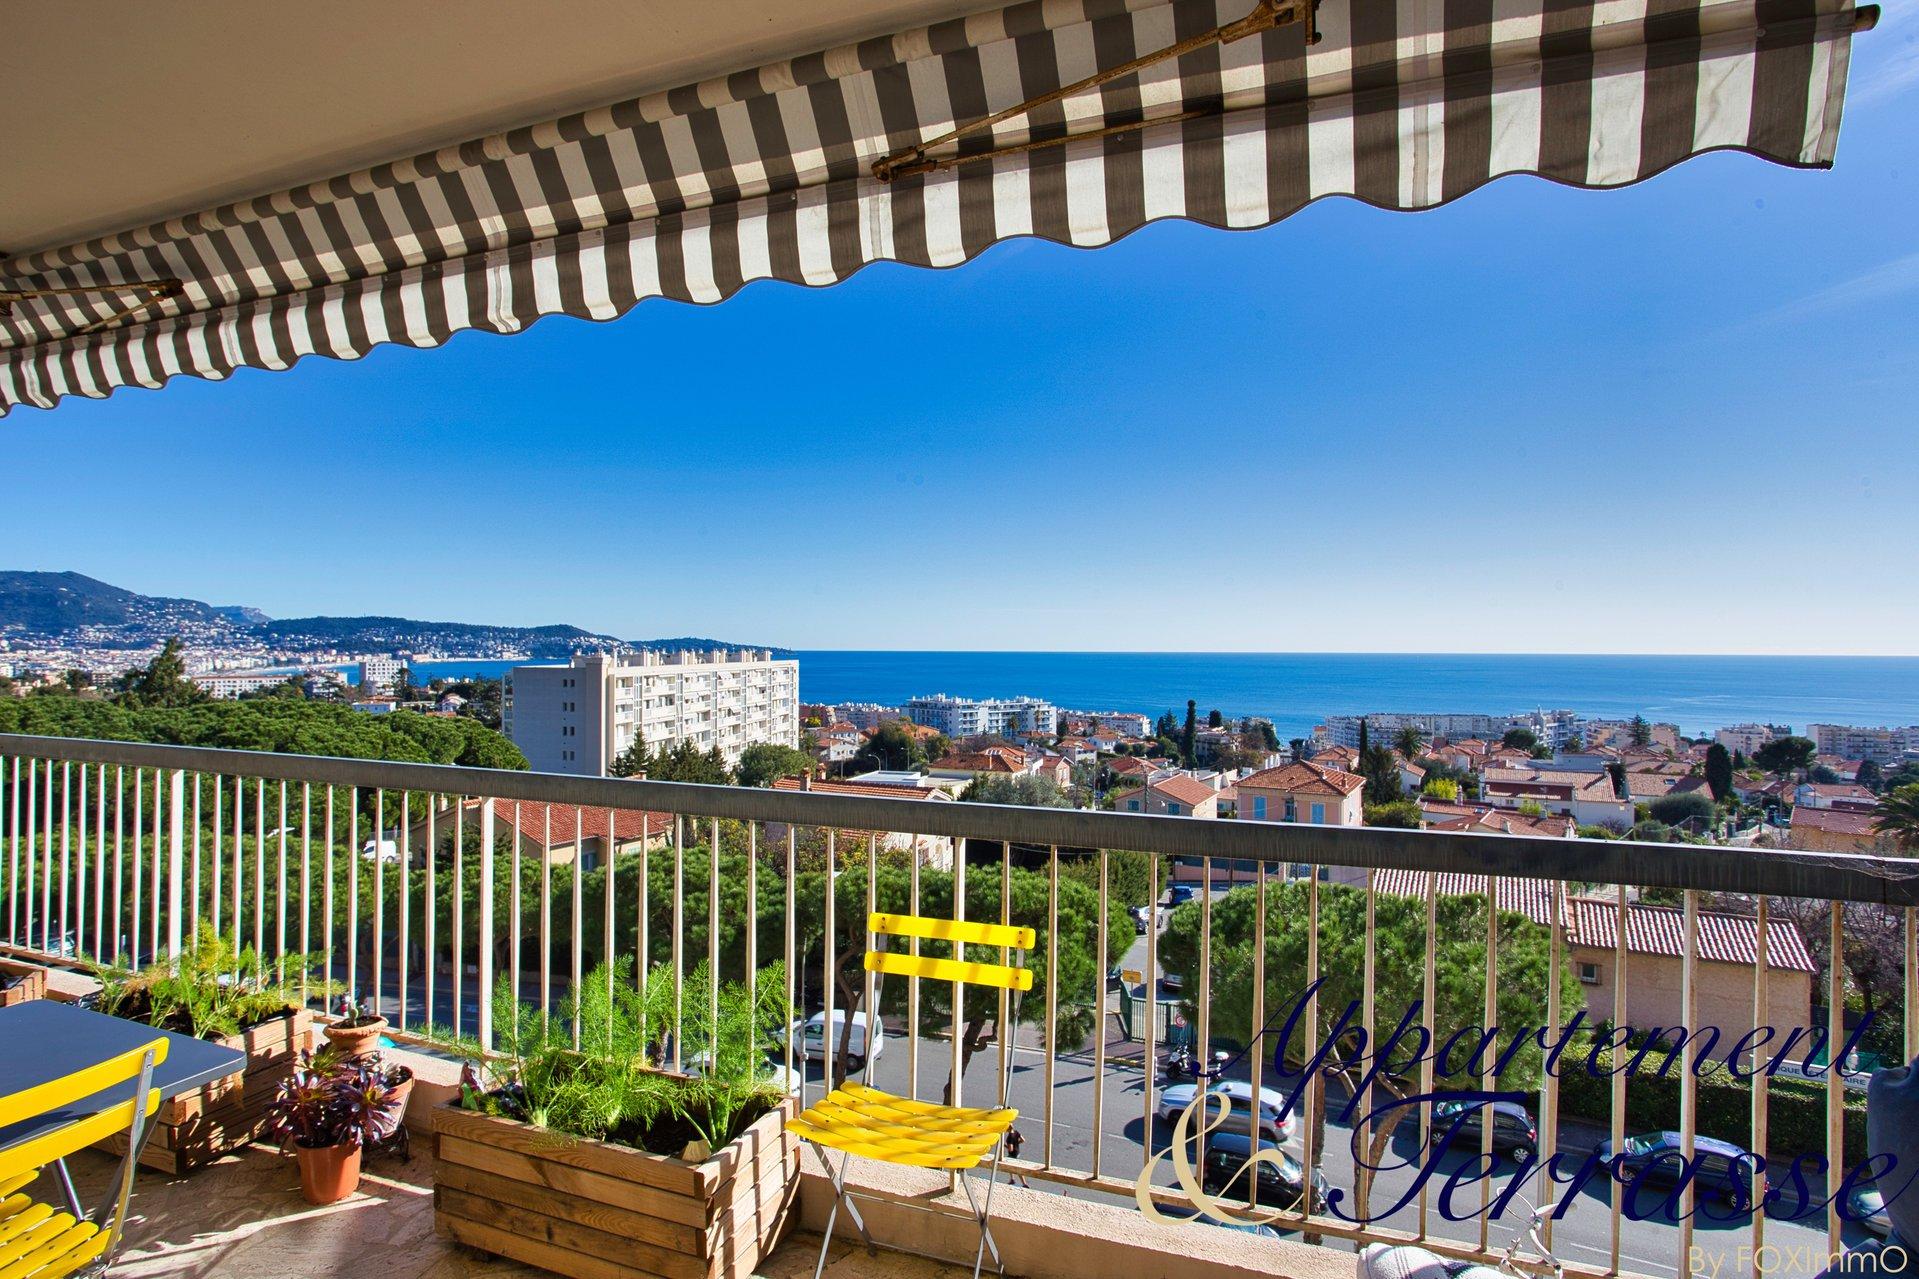 Appartamento di 3 stanze con terrazza e vista mare